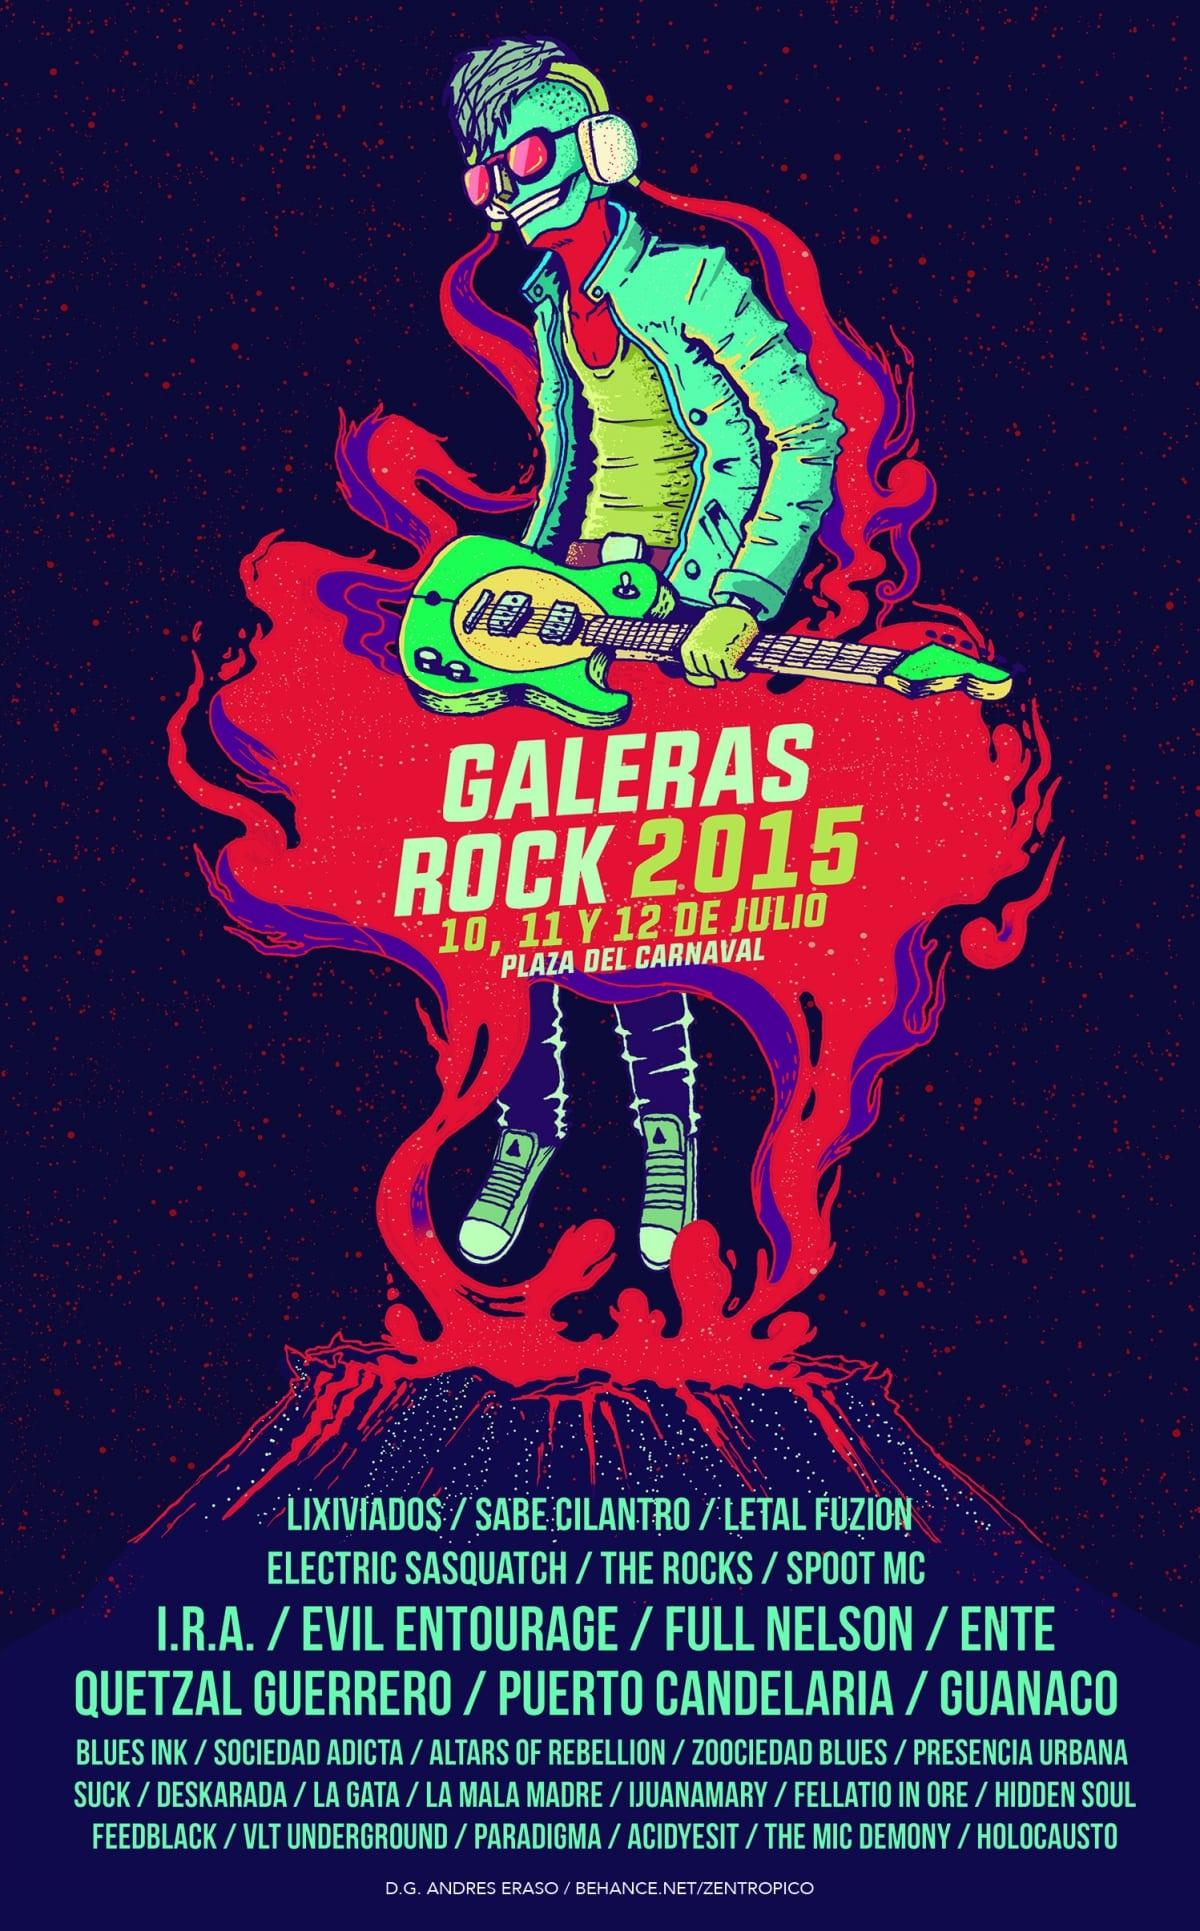 Galerias Rock 2015